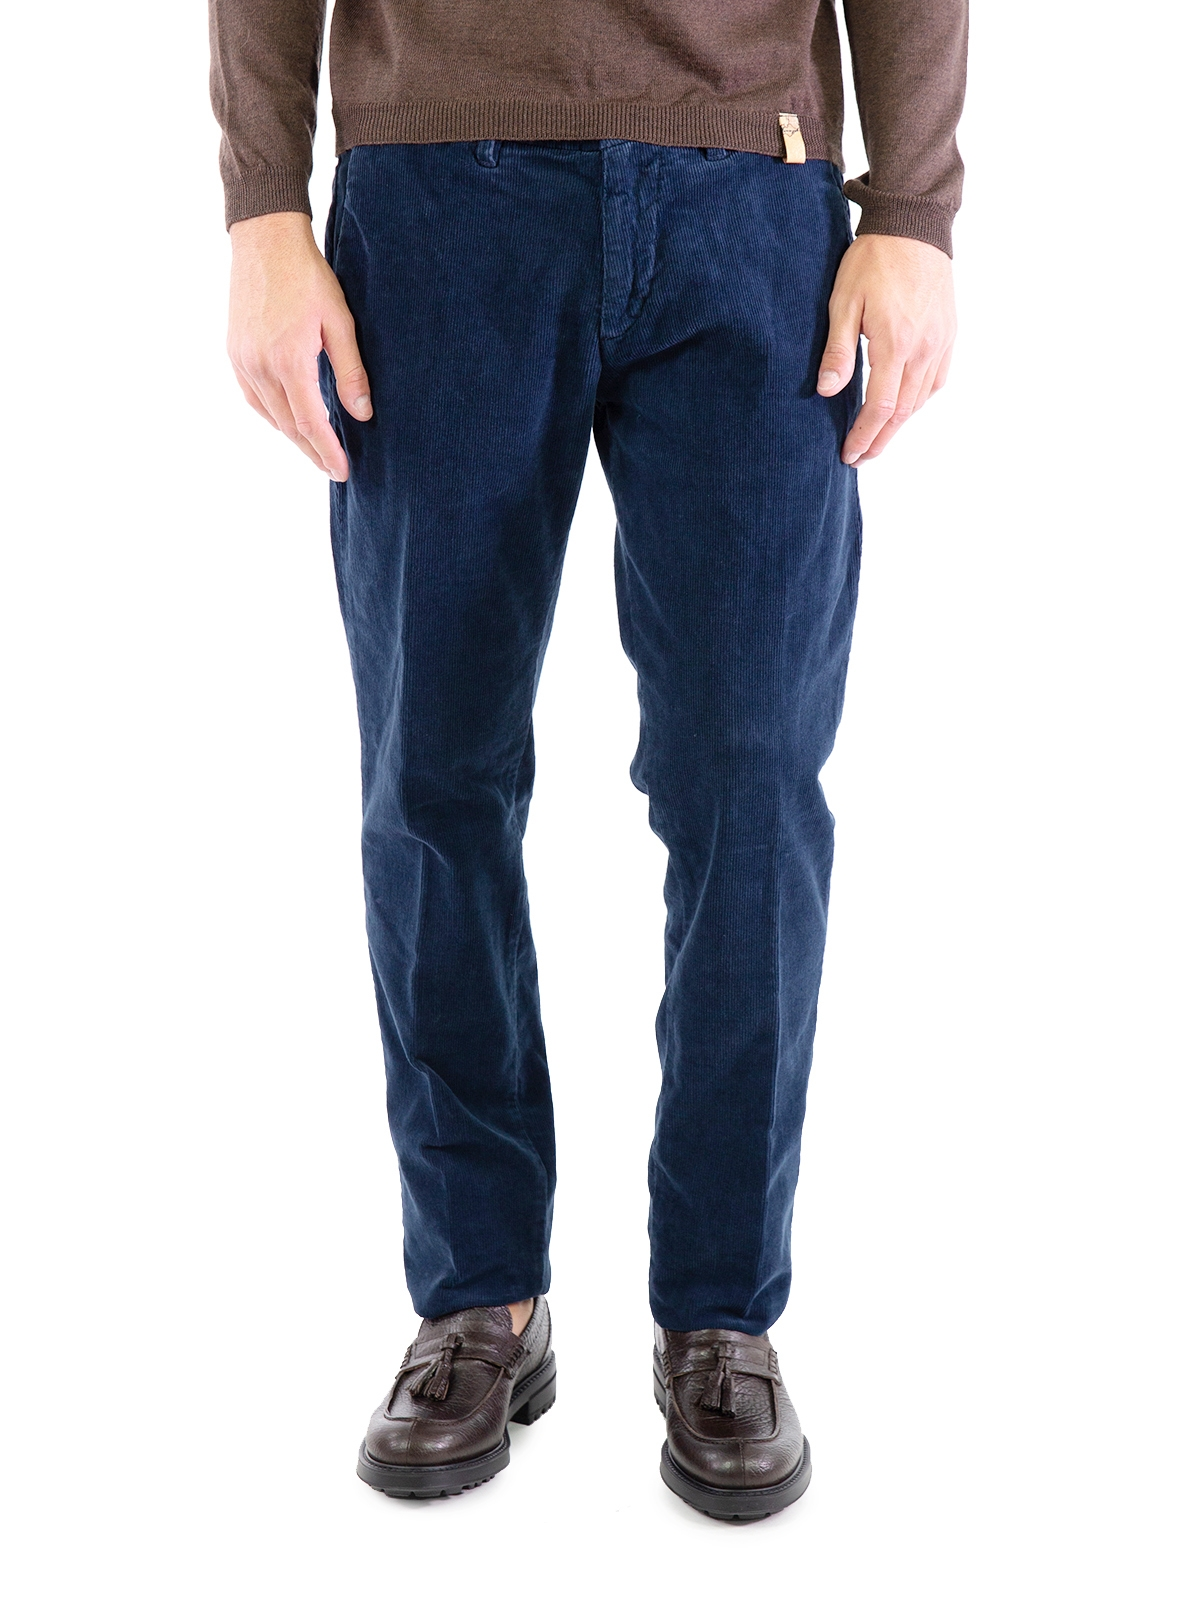 40 Weft Pantalone Lenny 698